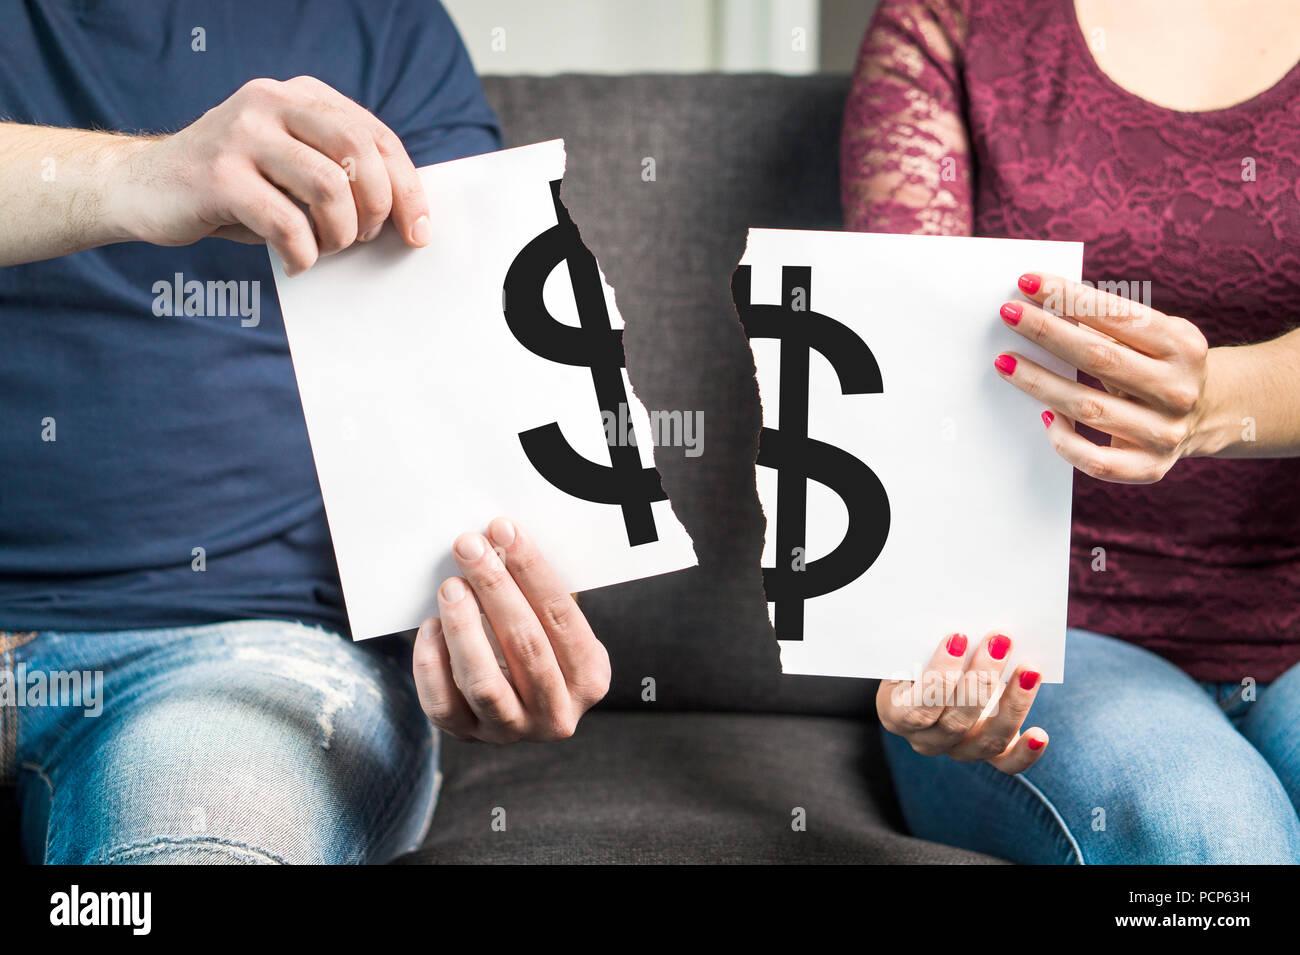 La lotta contro il denaro o di argomento finanziario concetto. L uomo e la donna holding di carta strappata con il simbolo del dollaro. Immagini Stock